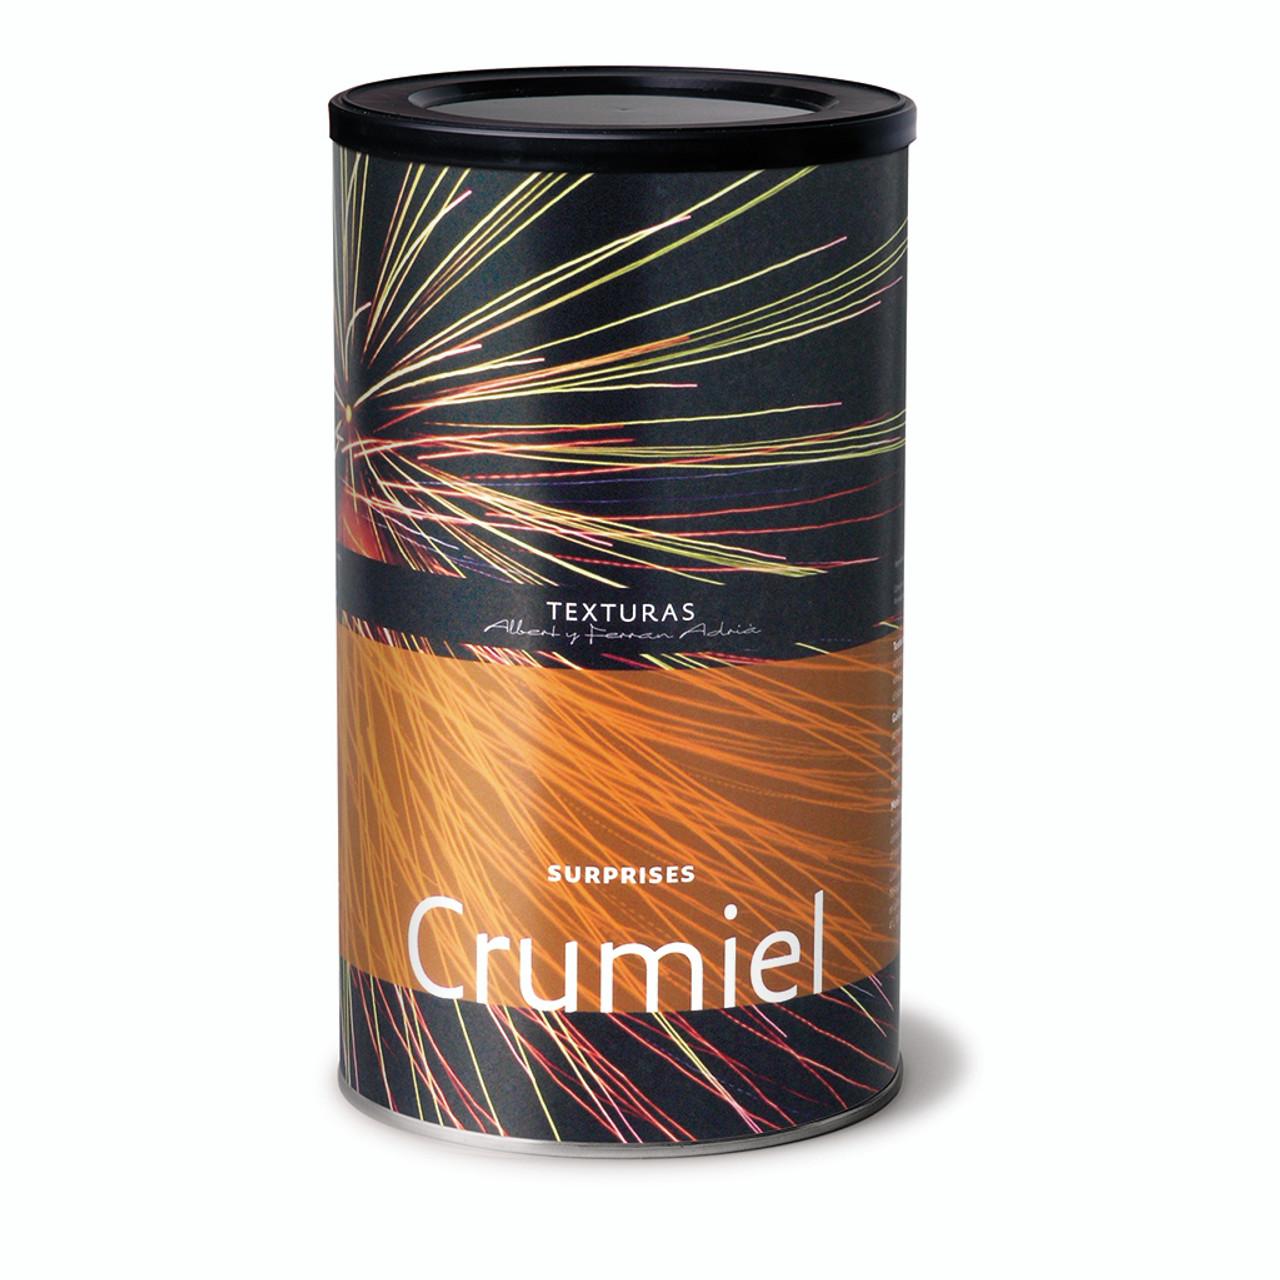 Texturas Crumiel 400g